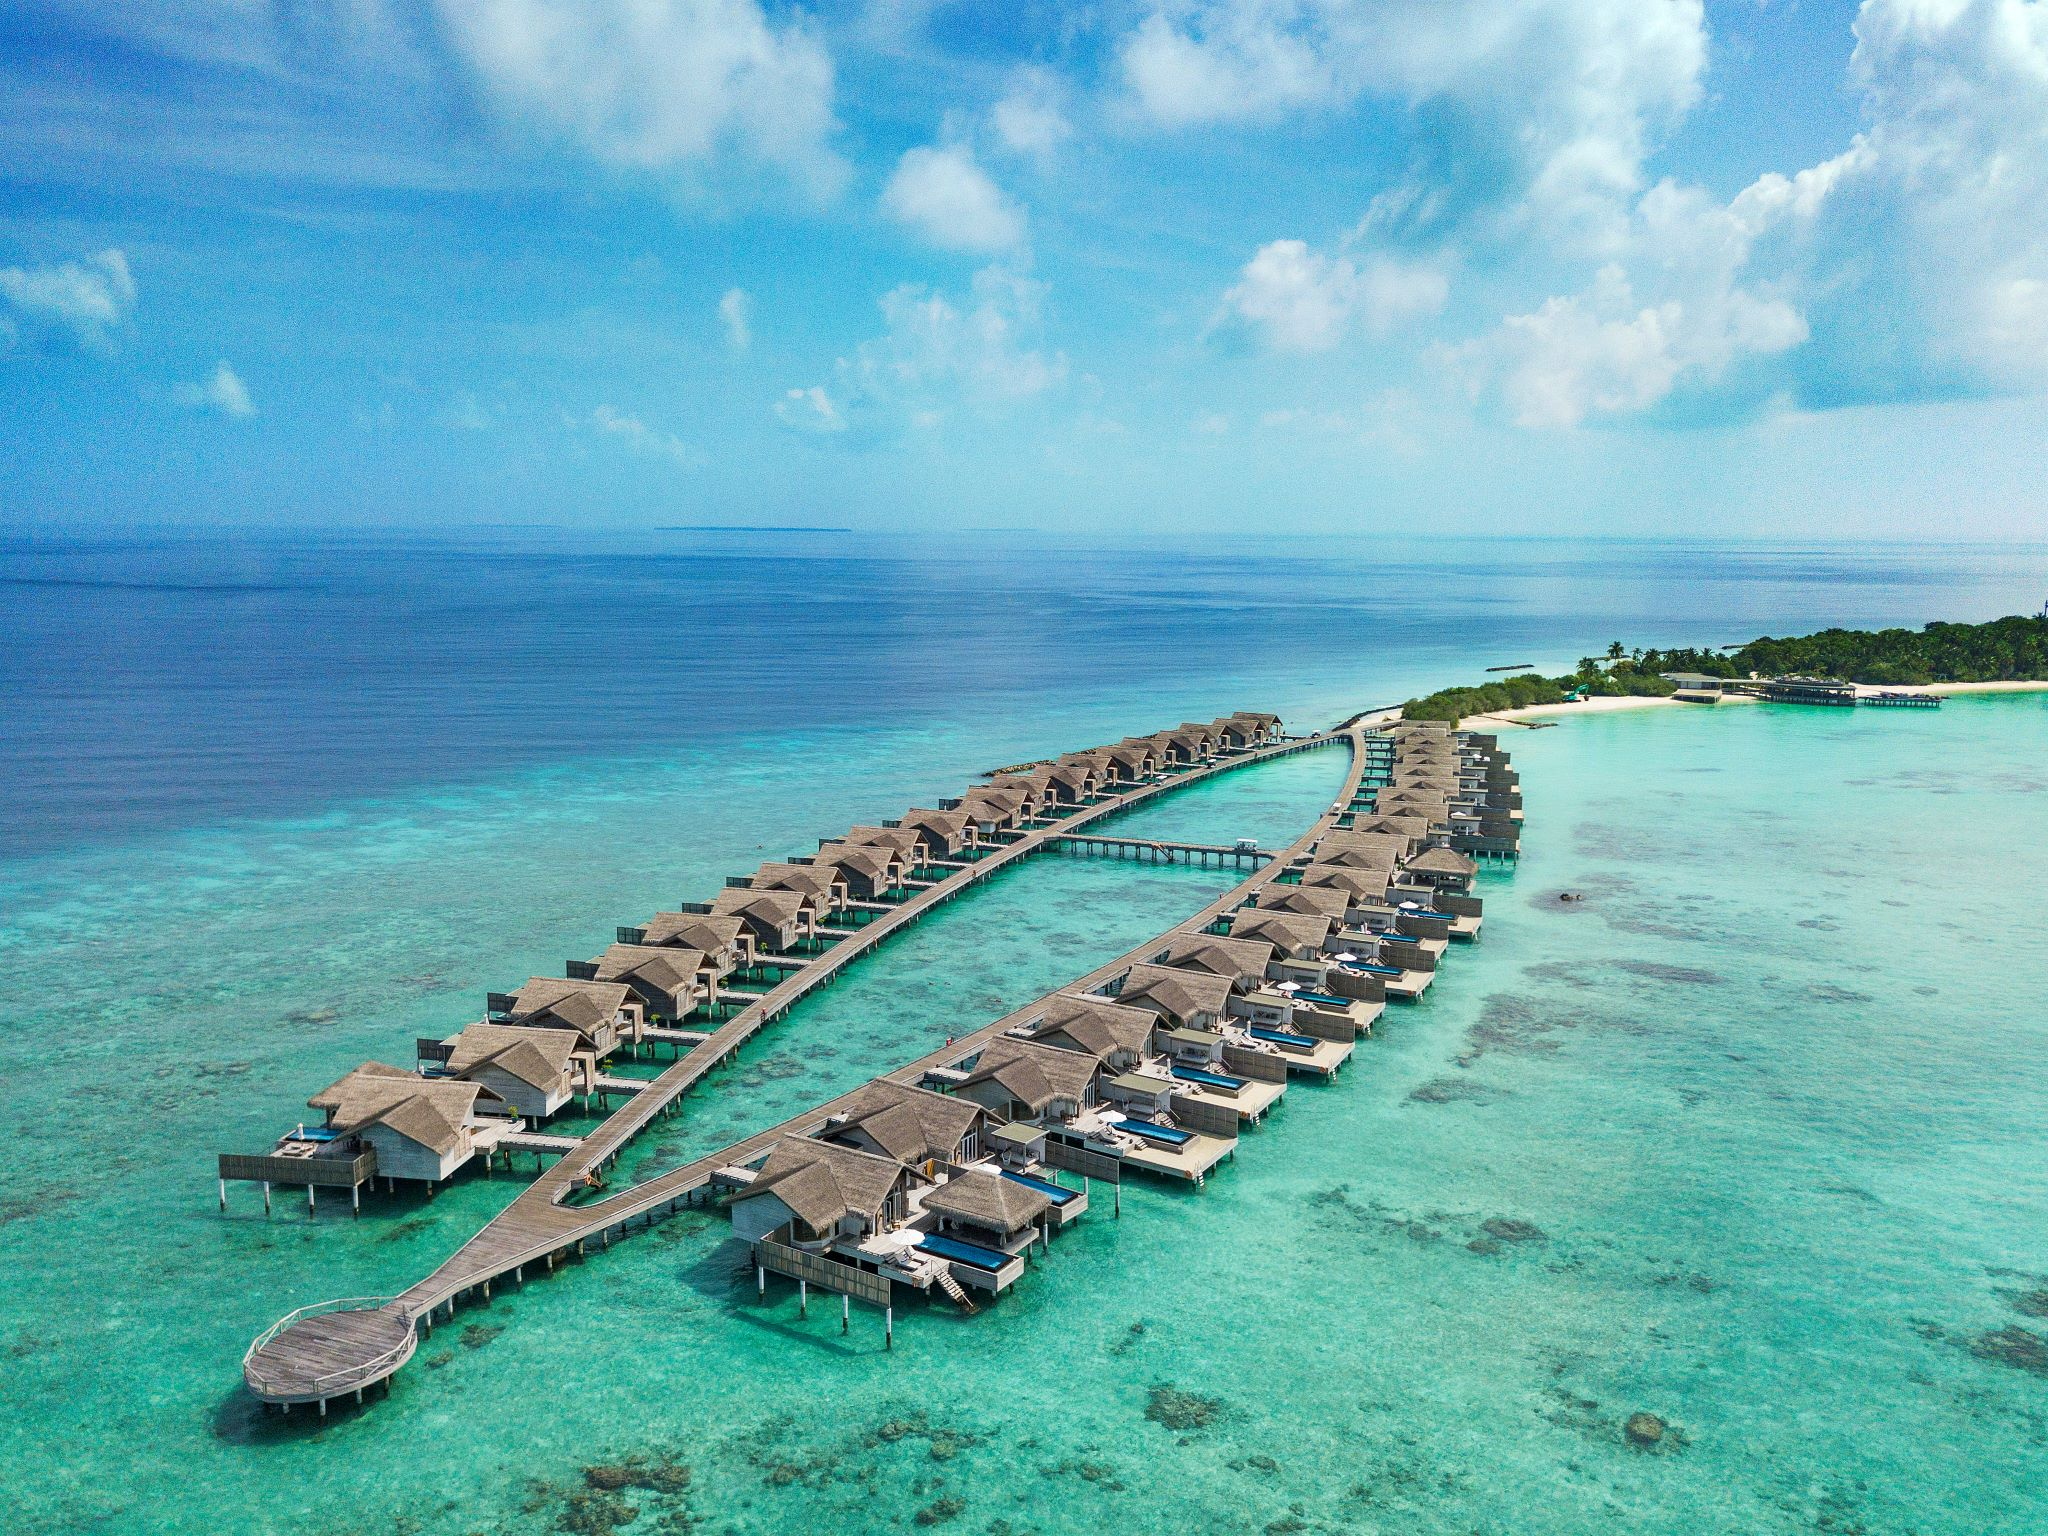 Hotel - Fairmont Maldives - Sirru Fen Fushi